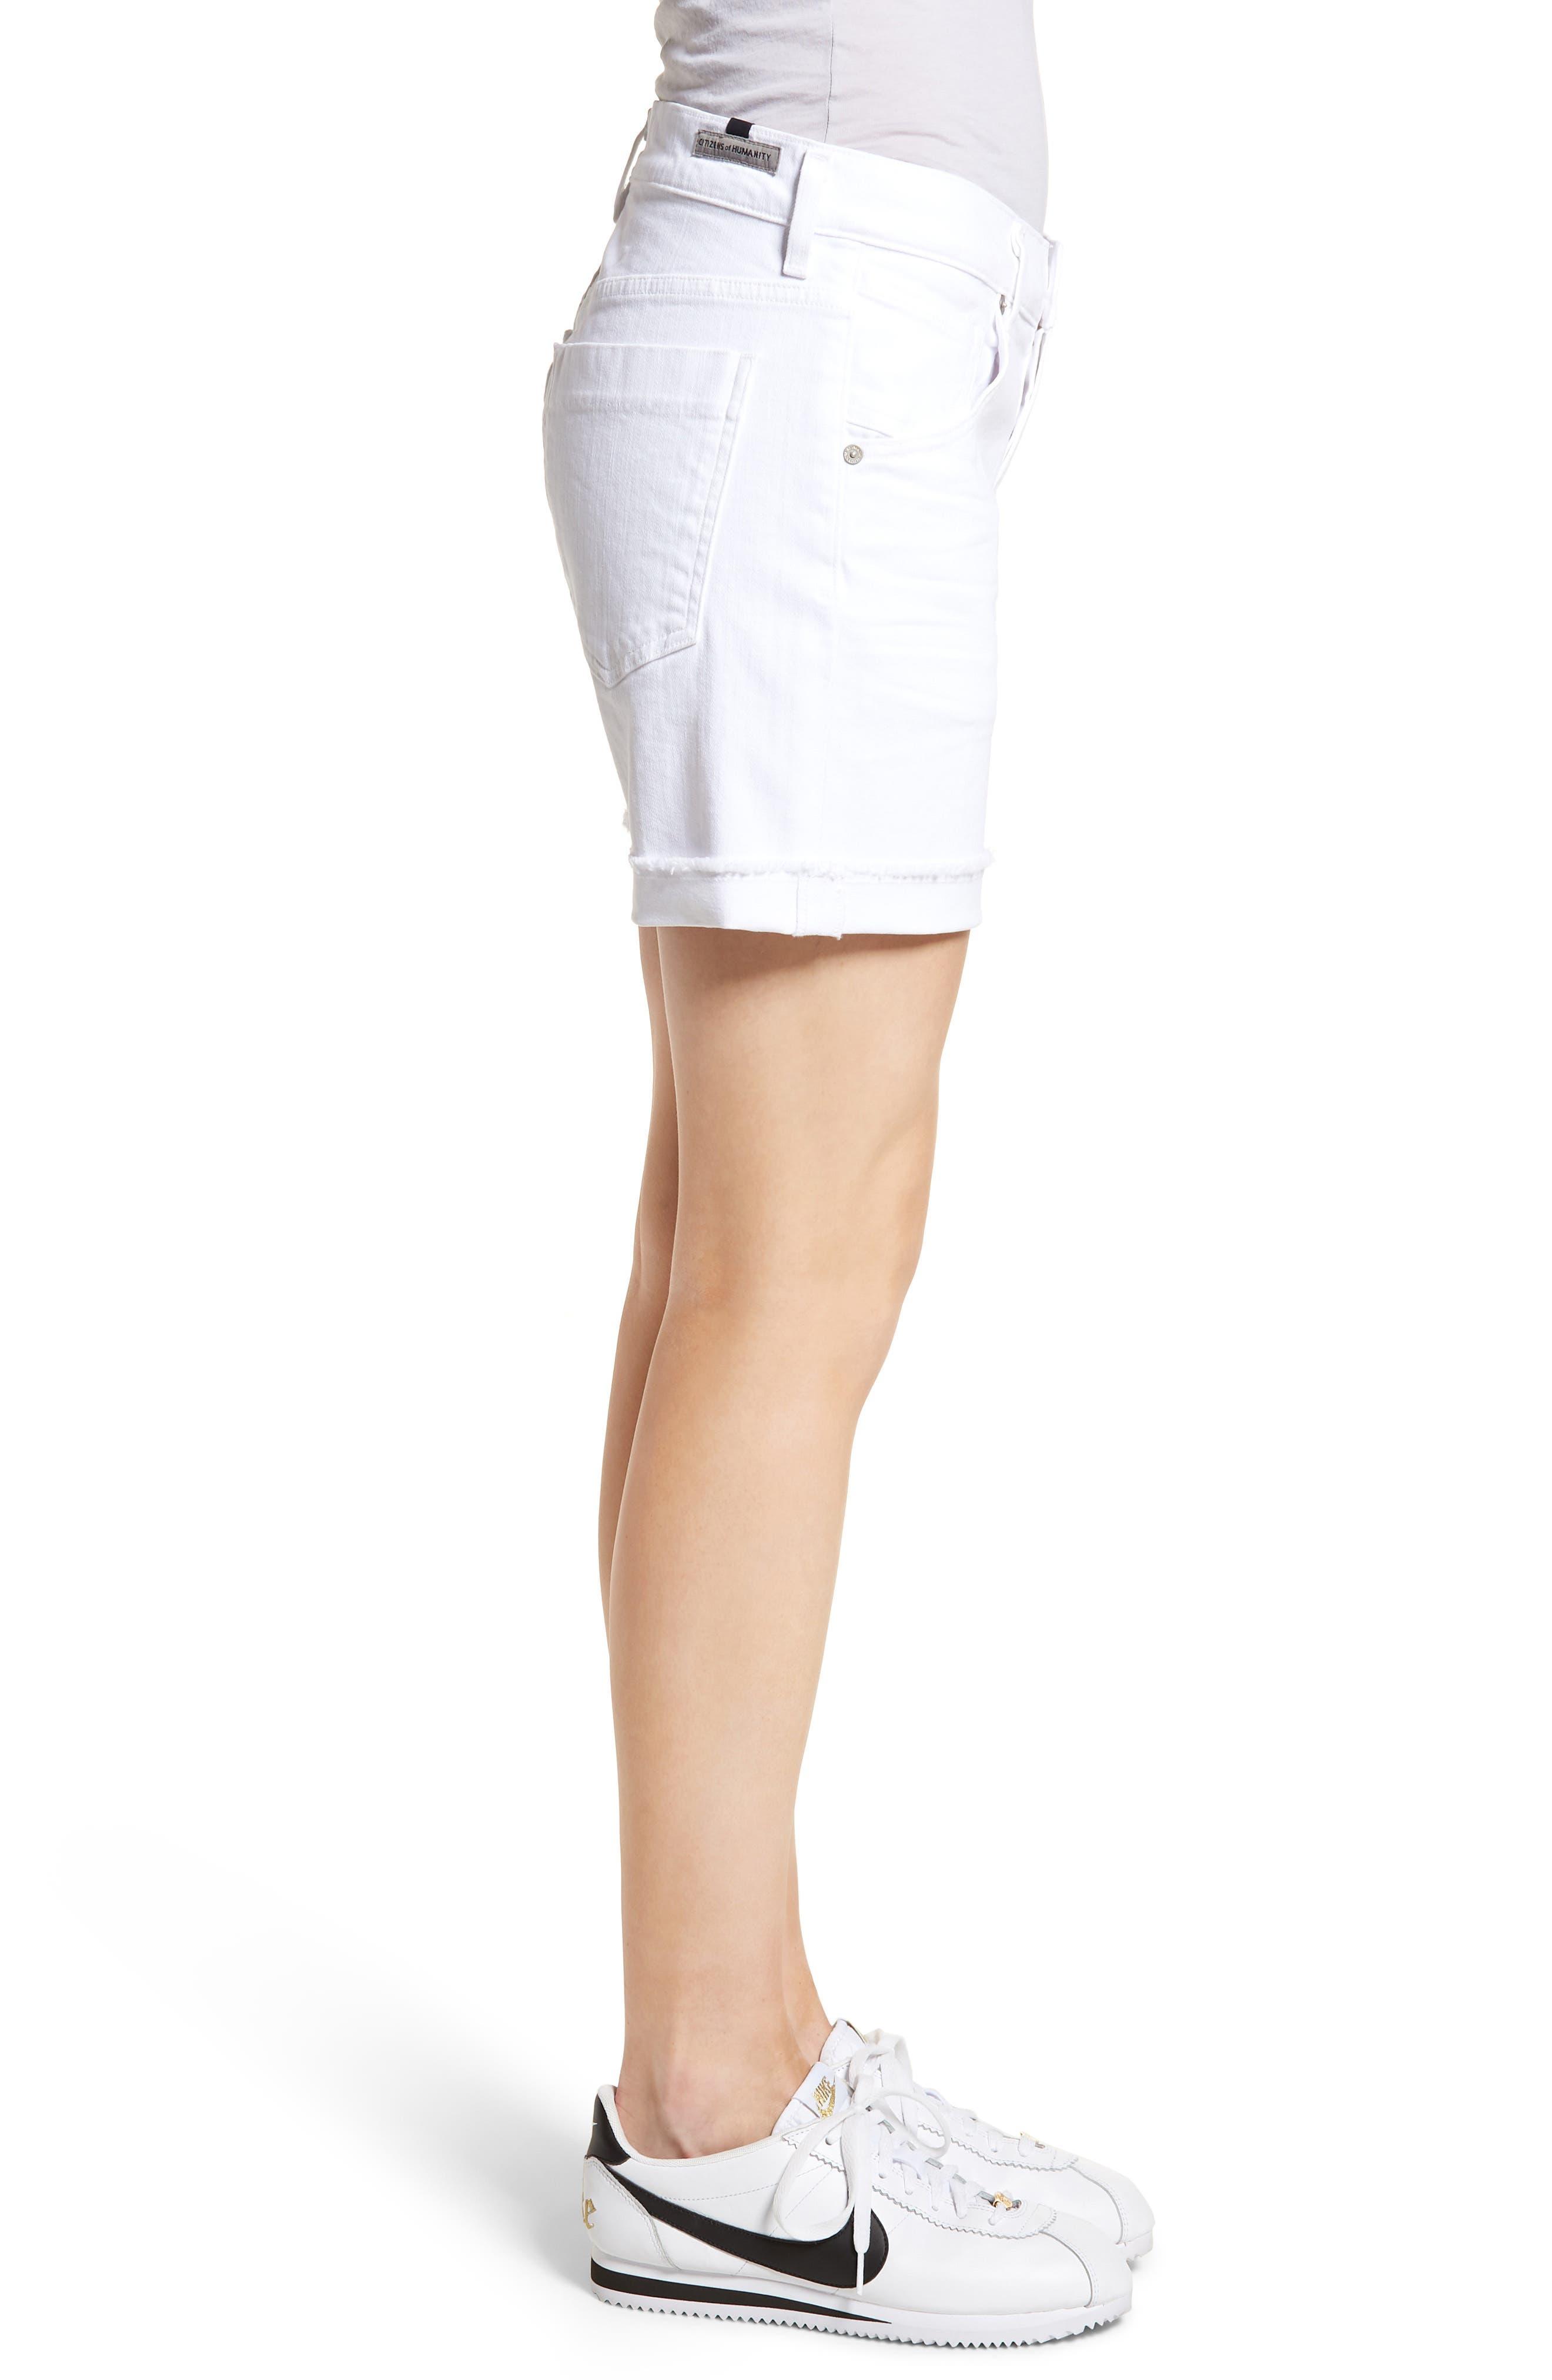 Skyler Denim Shorts,                             Alternate thumbnail 3, color,                             Optic White